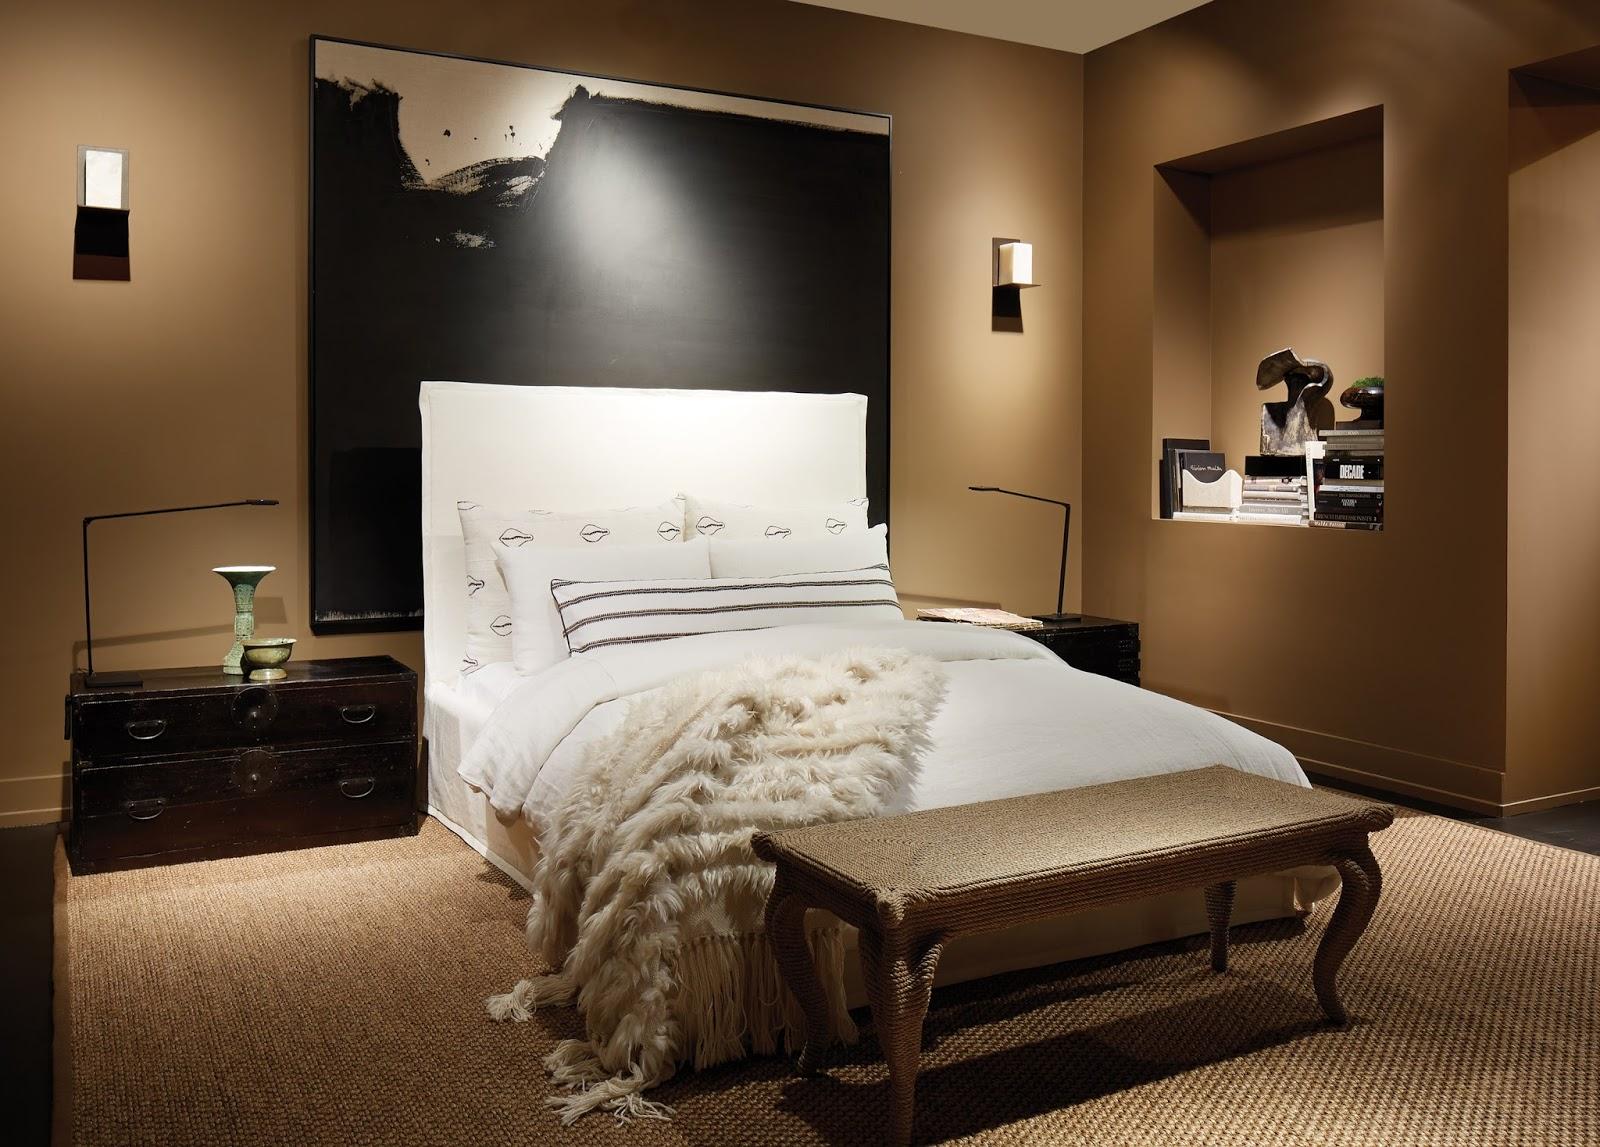 DreamHome Chicago 2016 Michael Del Piero Bedroom